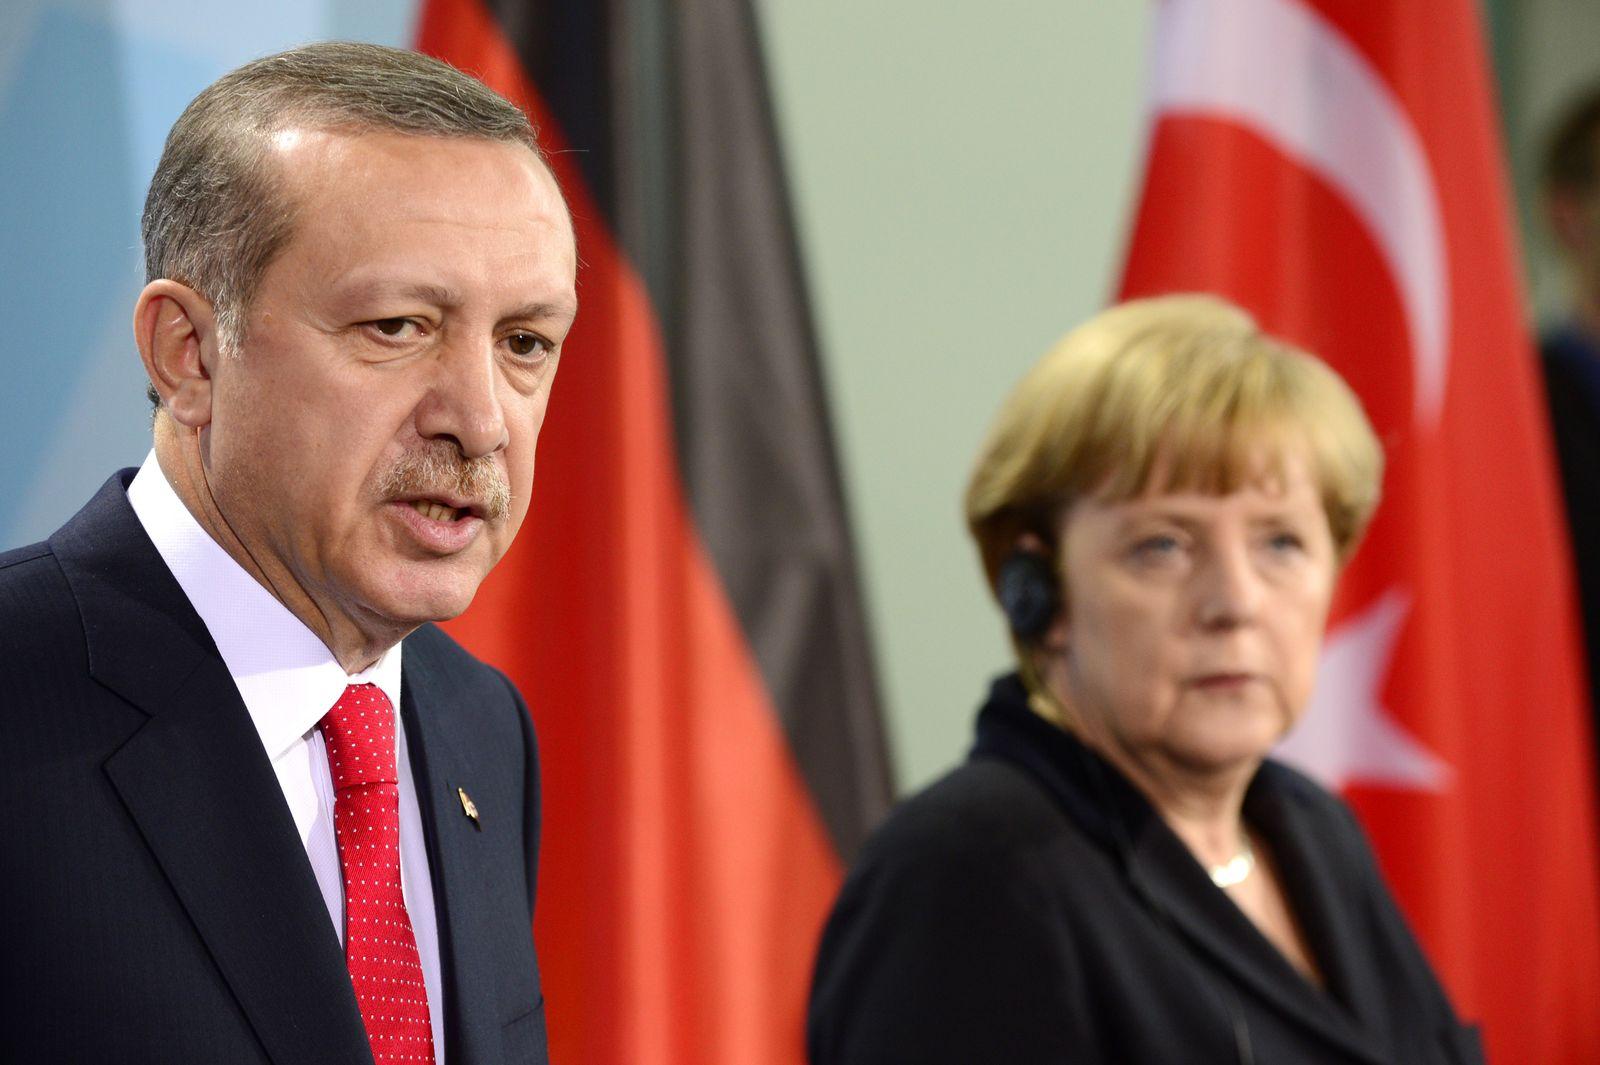 Erdogan / Merkel